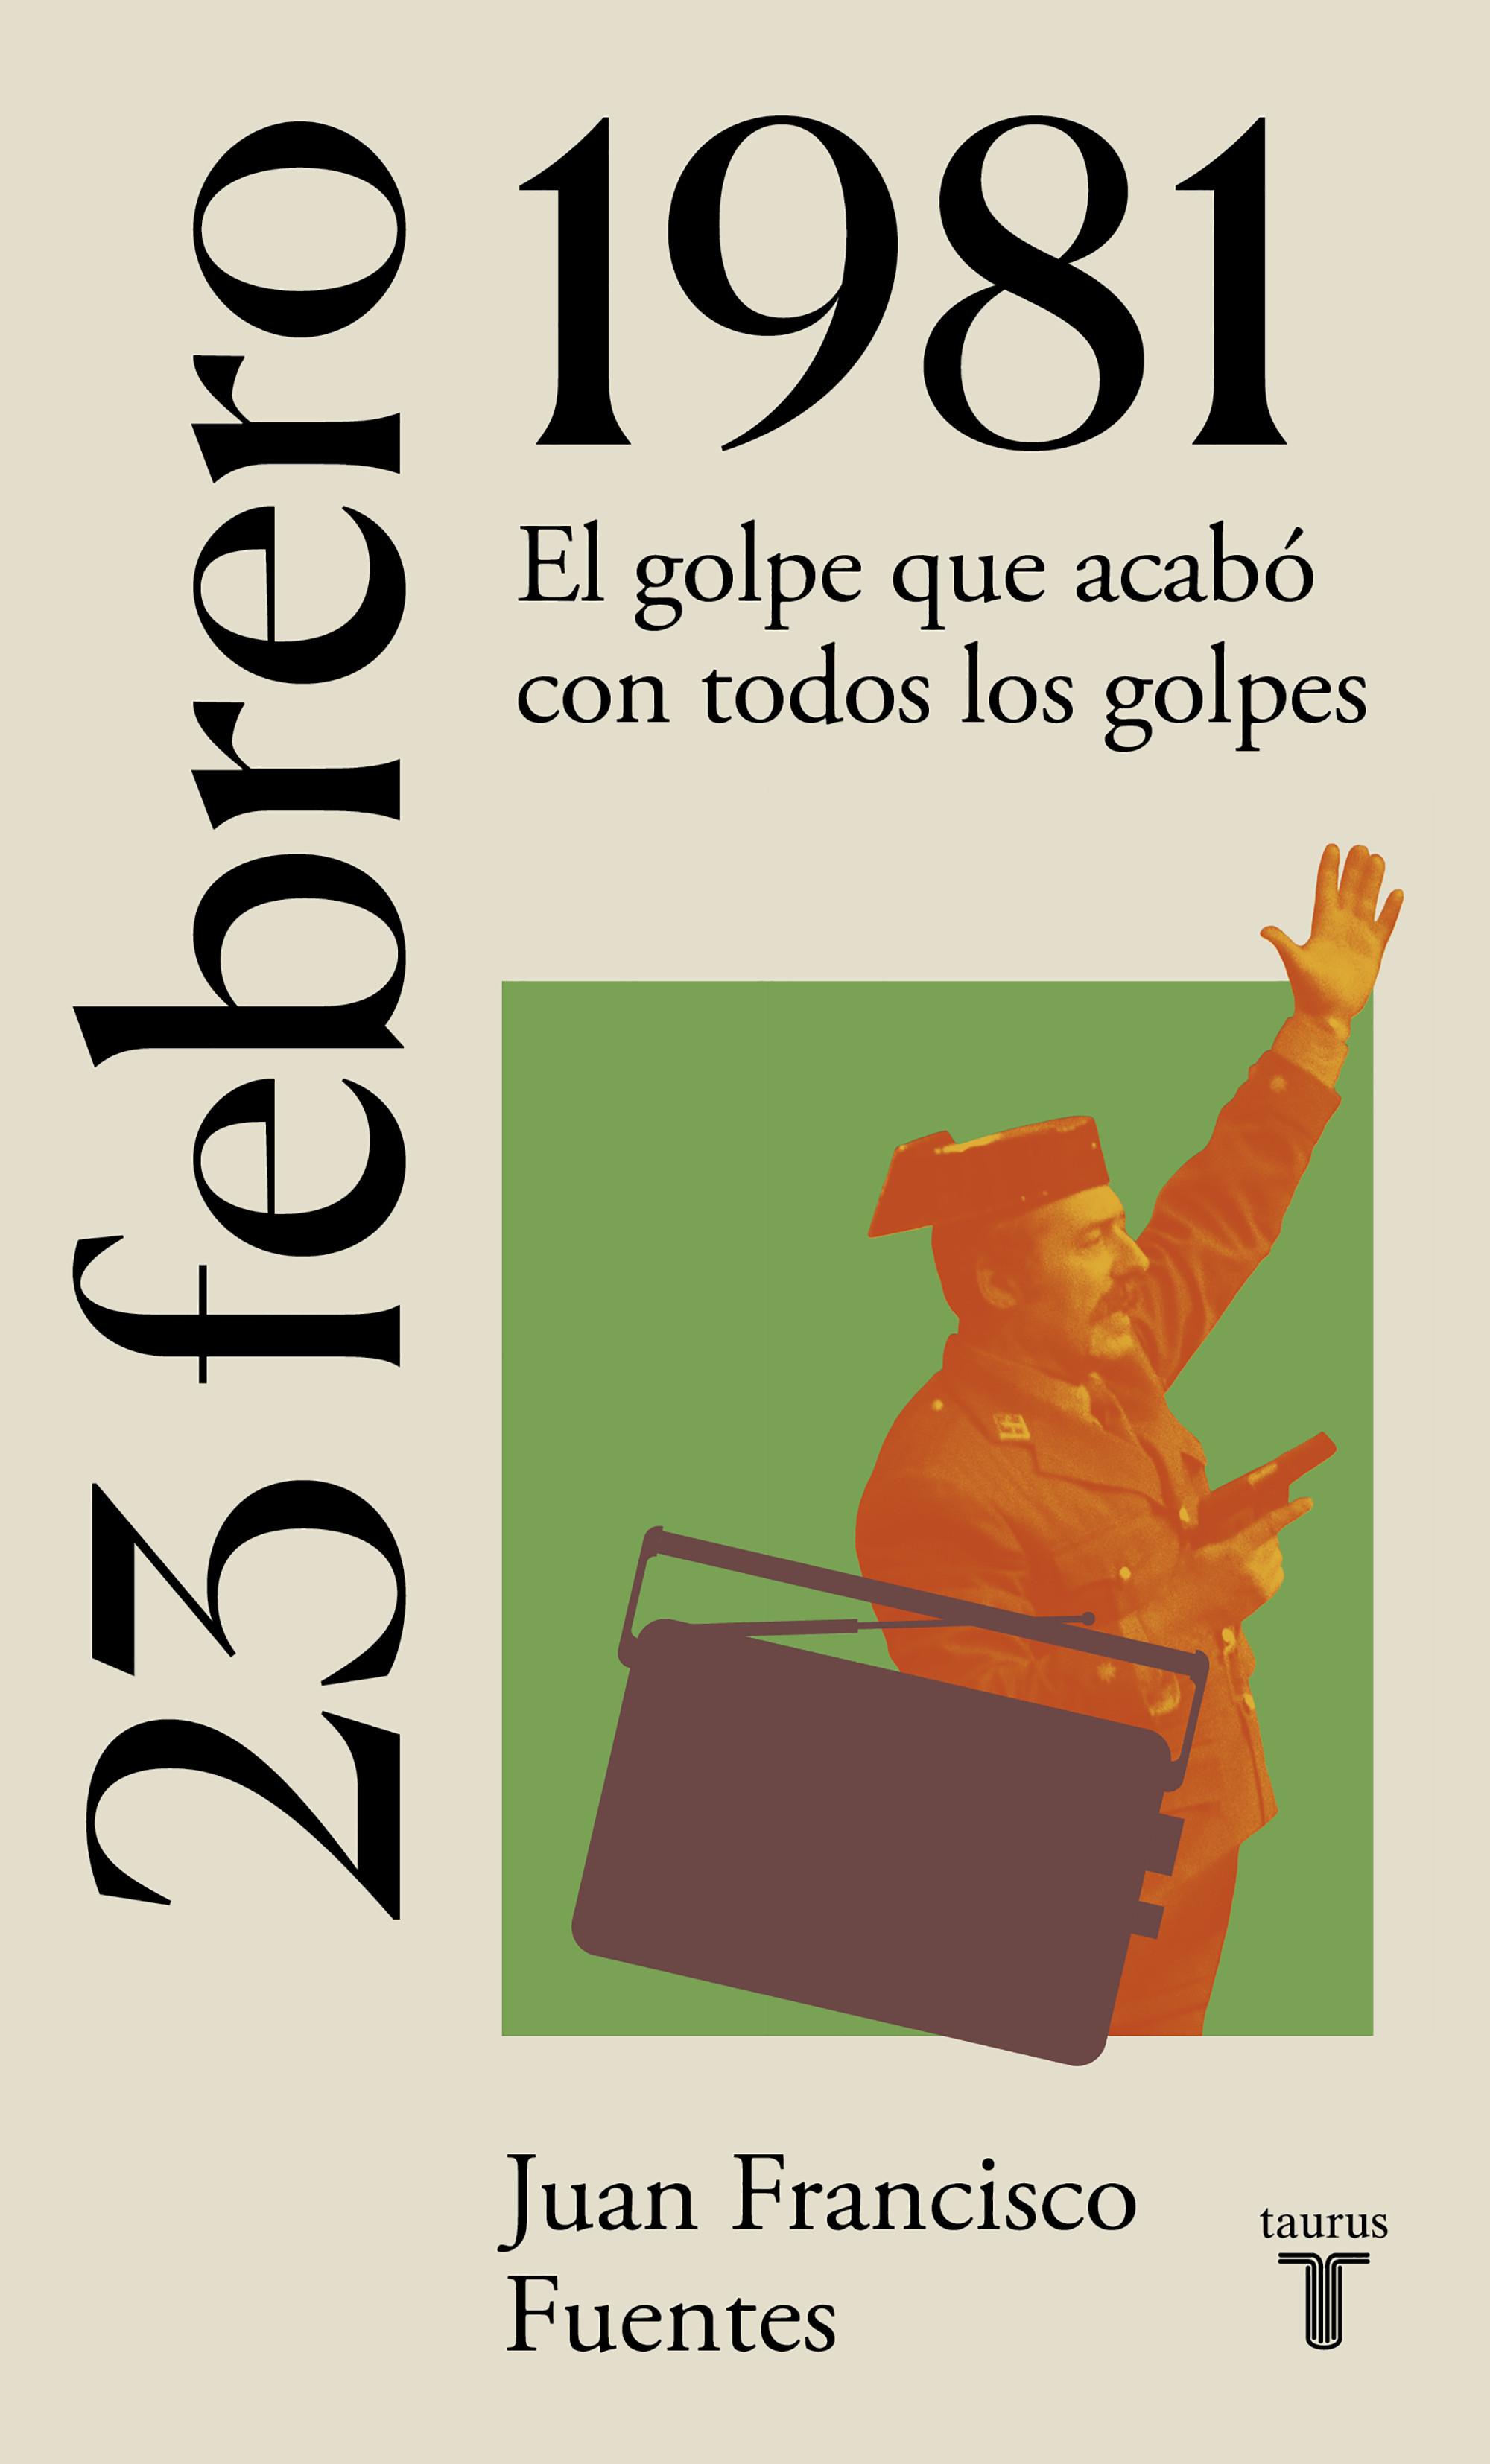 23 de febrero de 1981 (La España del siglo XX en siete días)